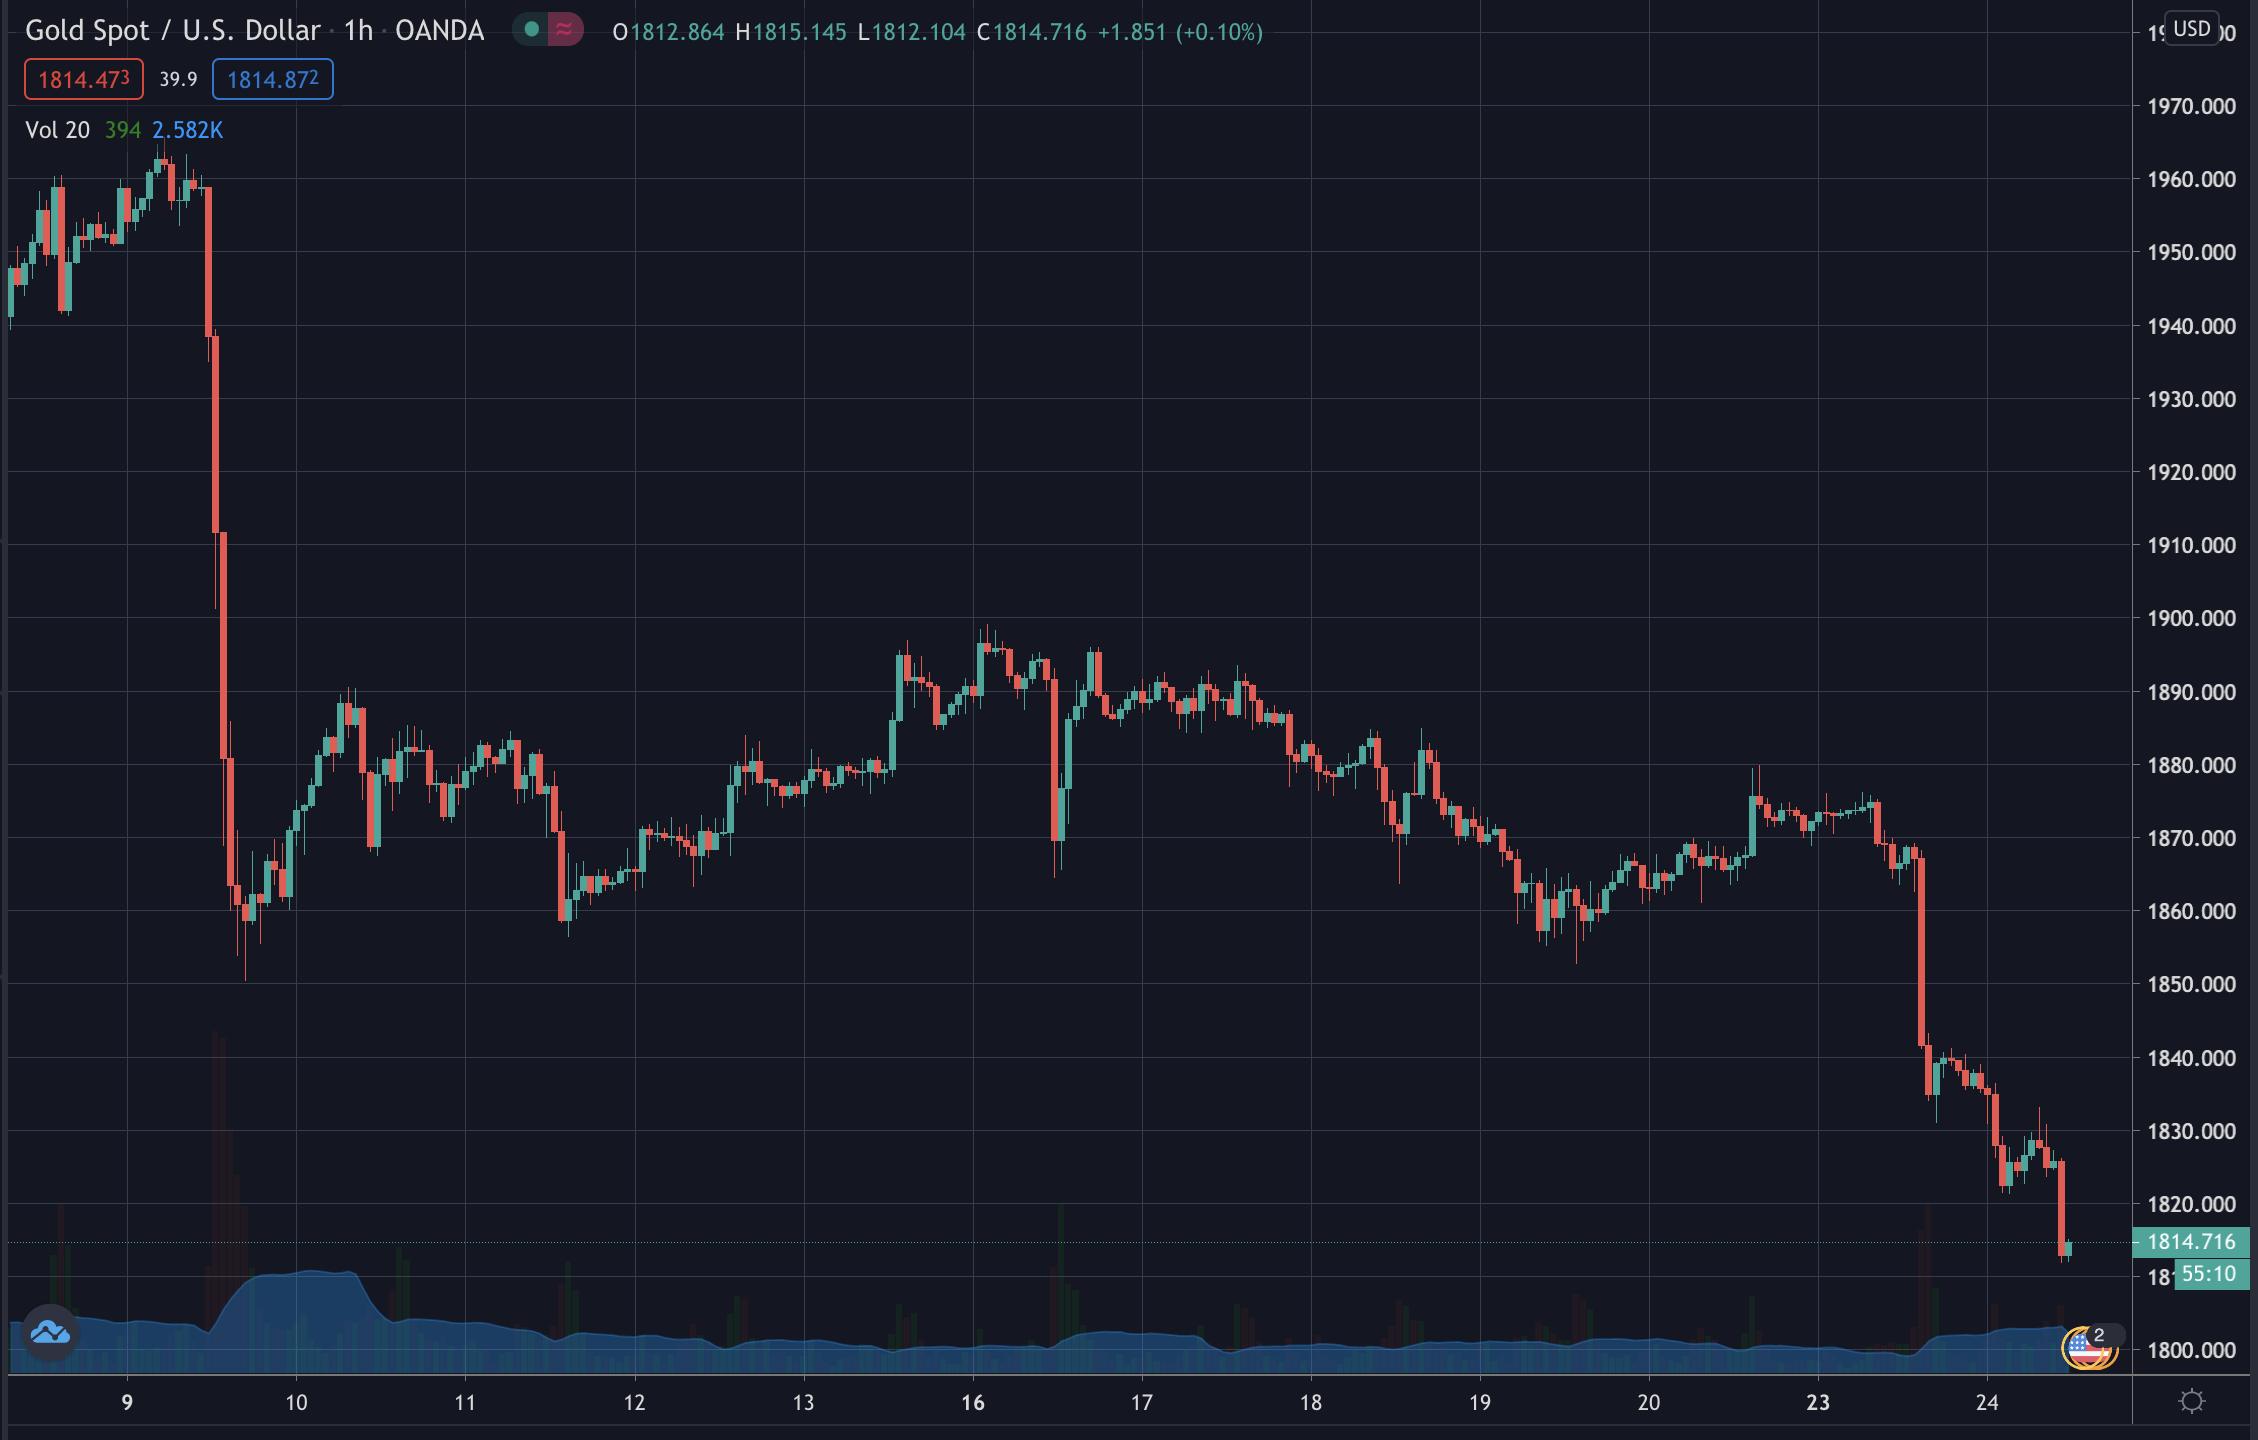 Gold's price, November 2020